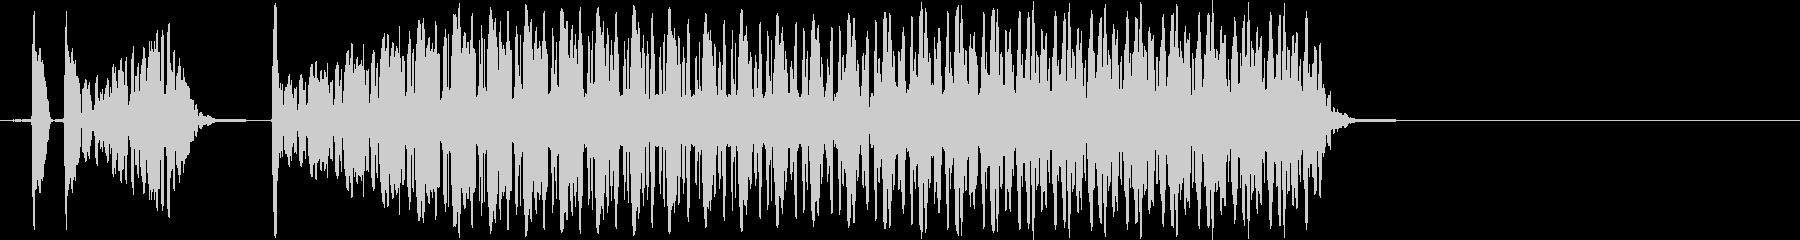 ブブー(不正解音、ハズレ音)の未再生の波形